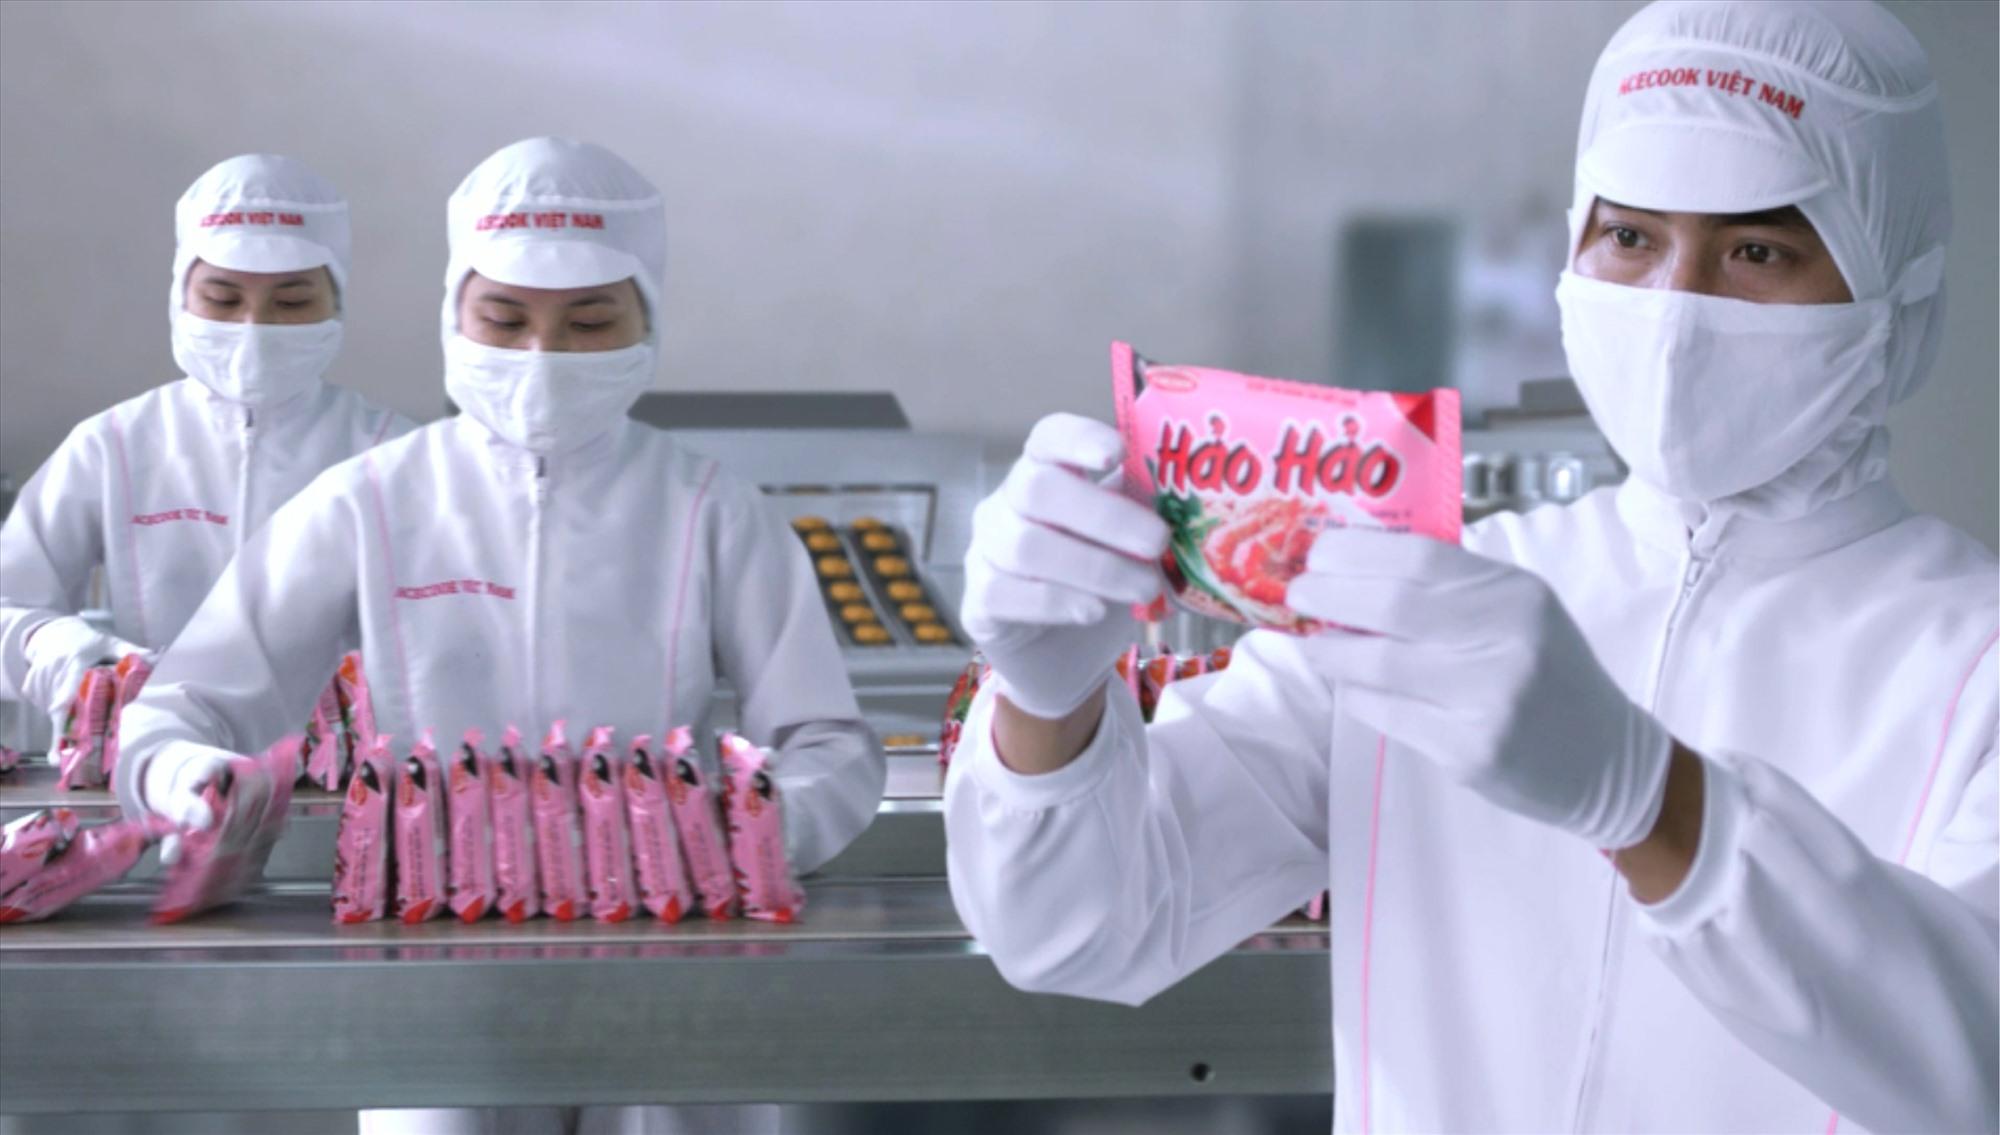 Một phần dây chuyền sản xuất mì ăn liền Hảo Hảo.